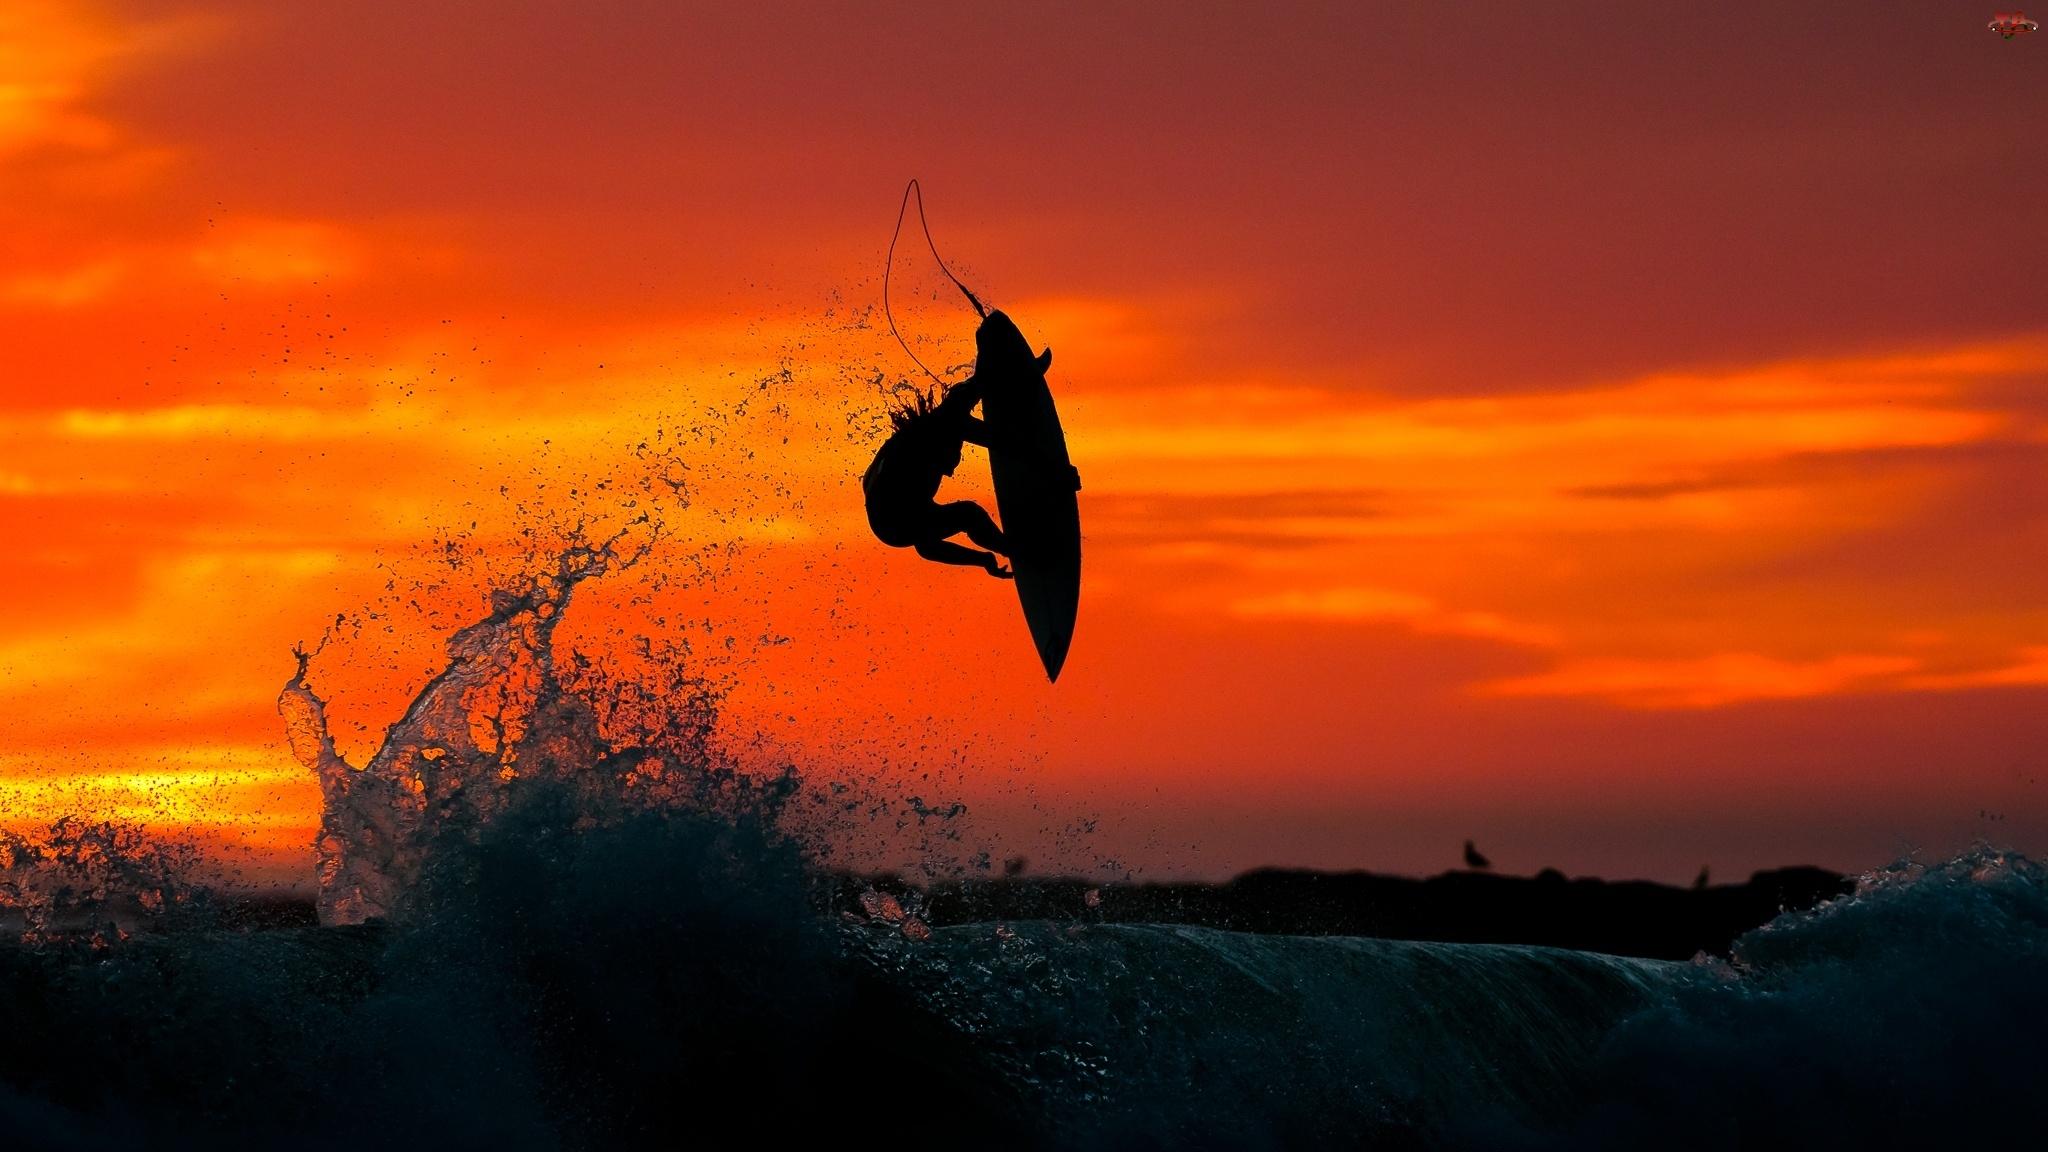 Surfing, Zachód, Morze, Słońca, Mężczyzna